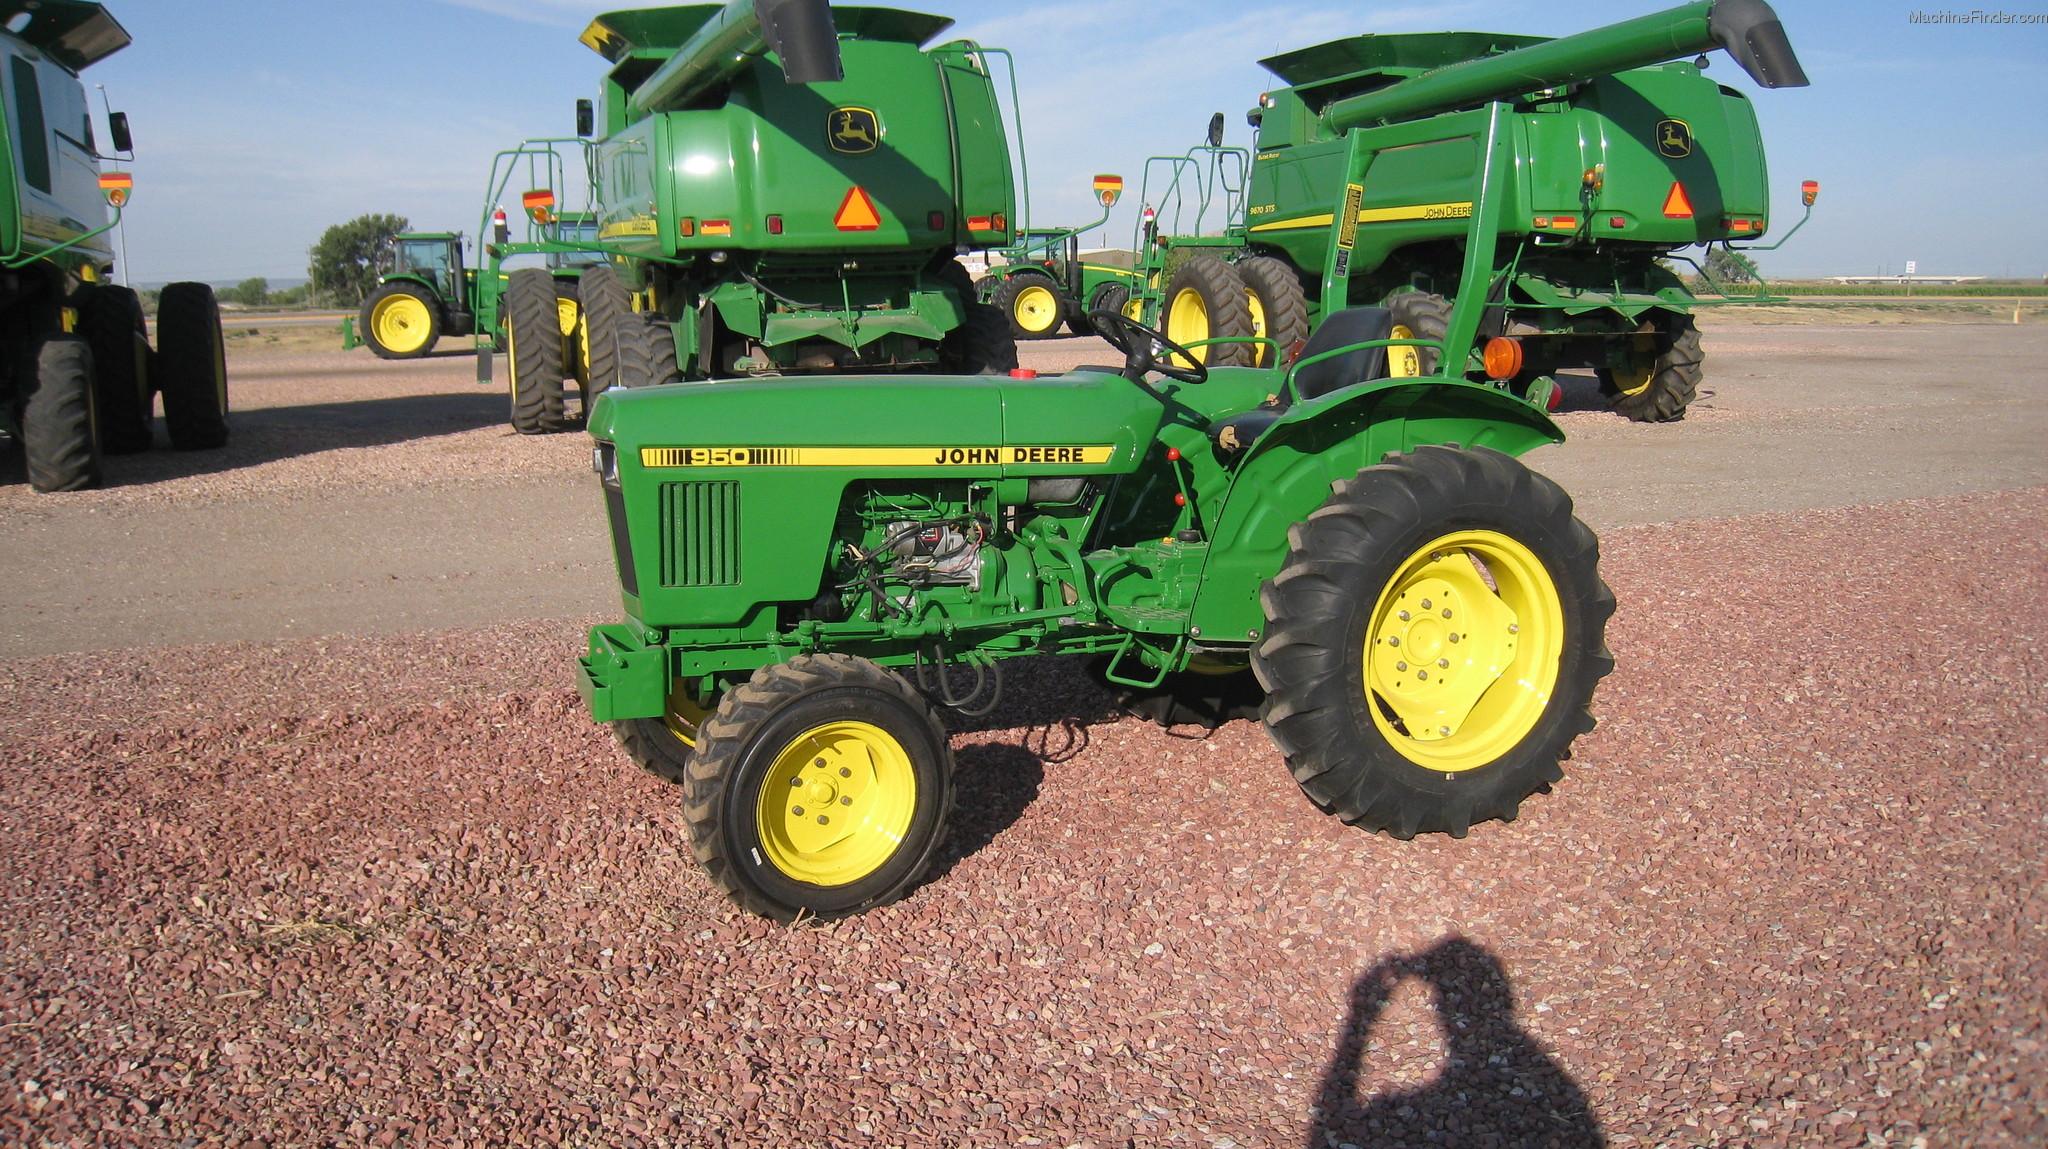 1985 John Deere 950 Tractors - Compact (1-40hp.) - John Deere ...